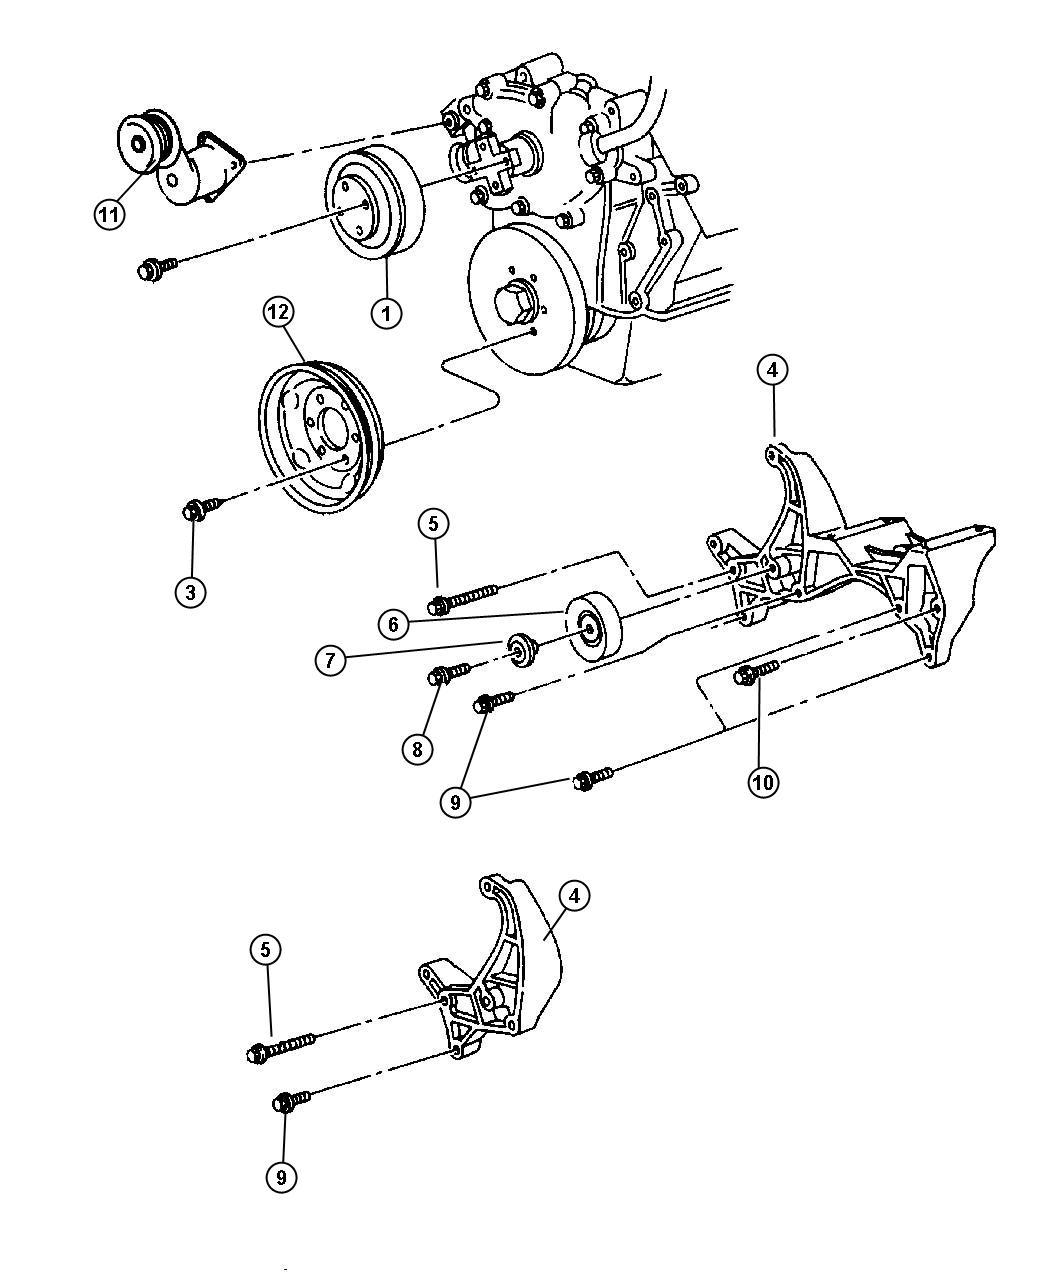 dodge ram 1500 pulley  idler  after 3-30-98